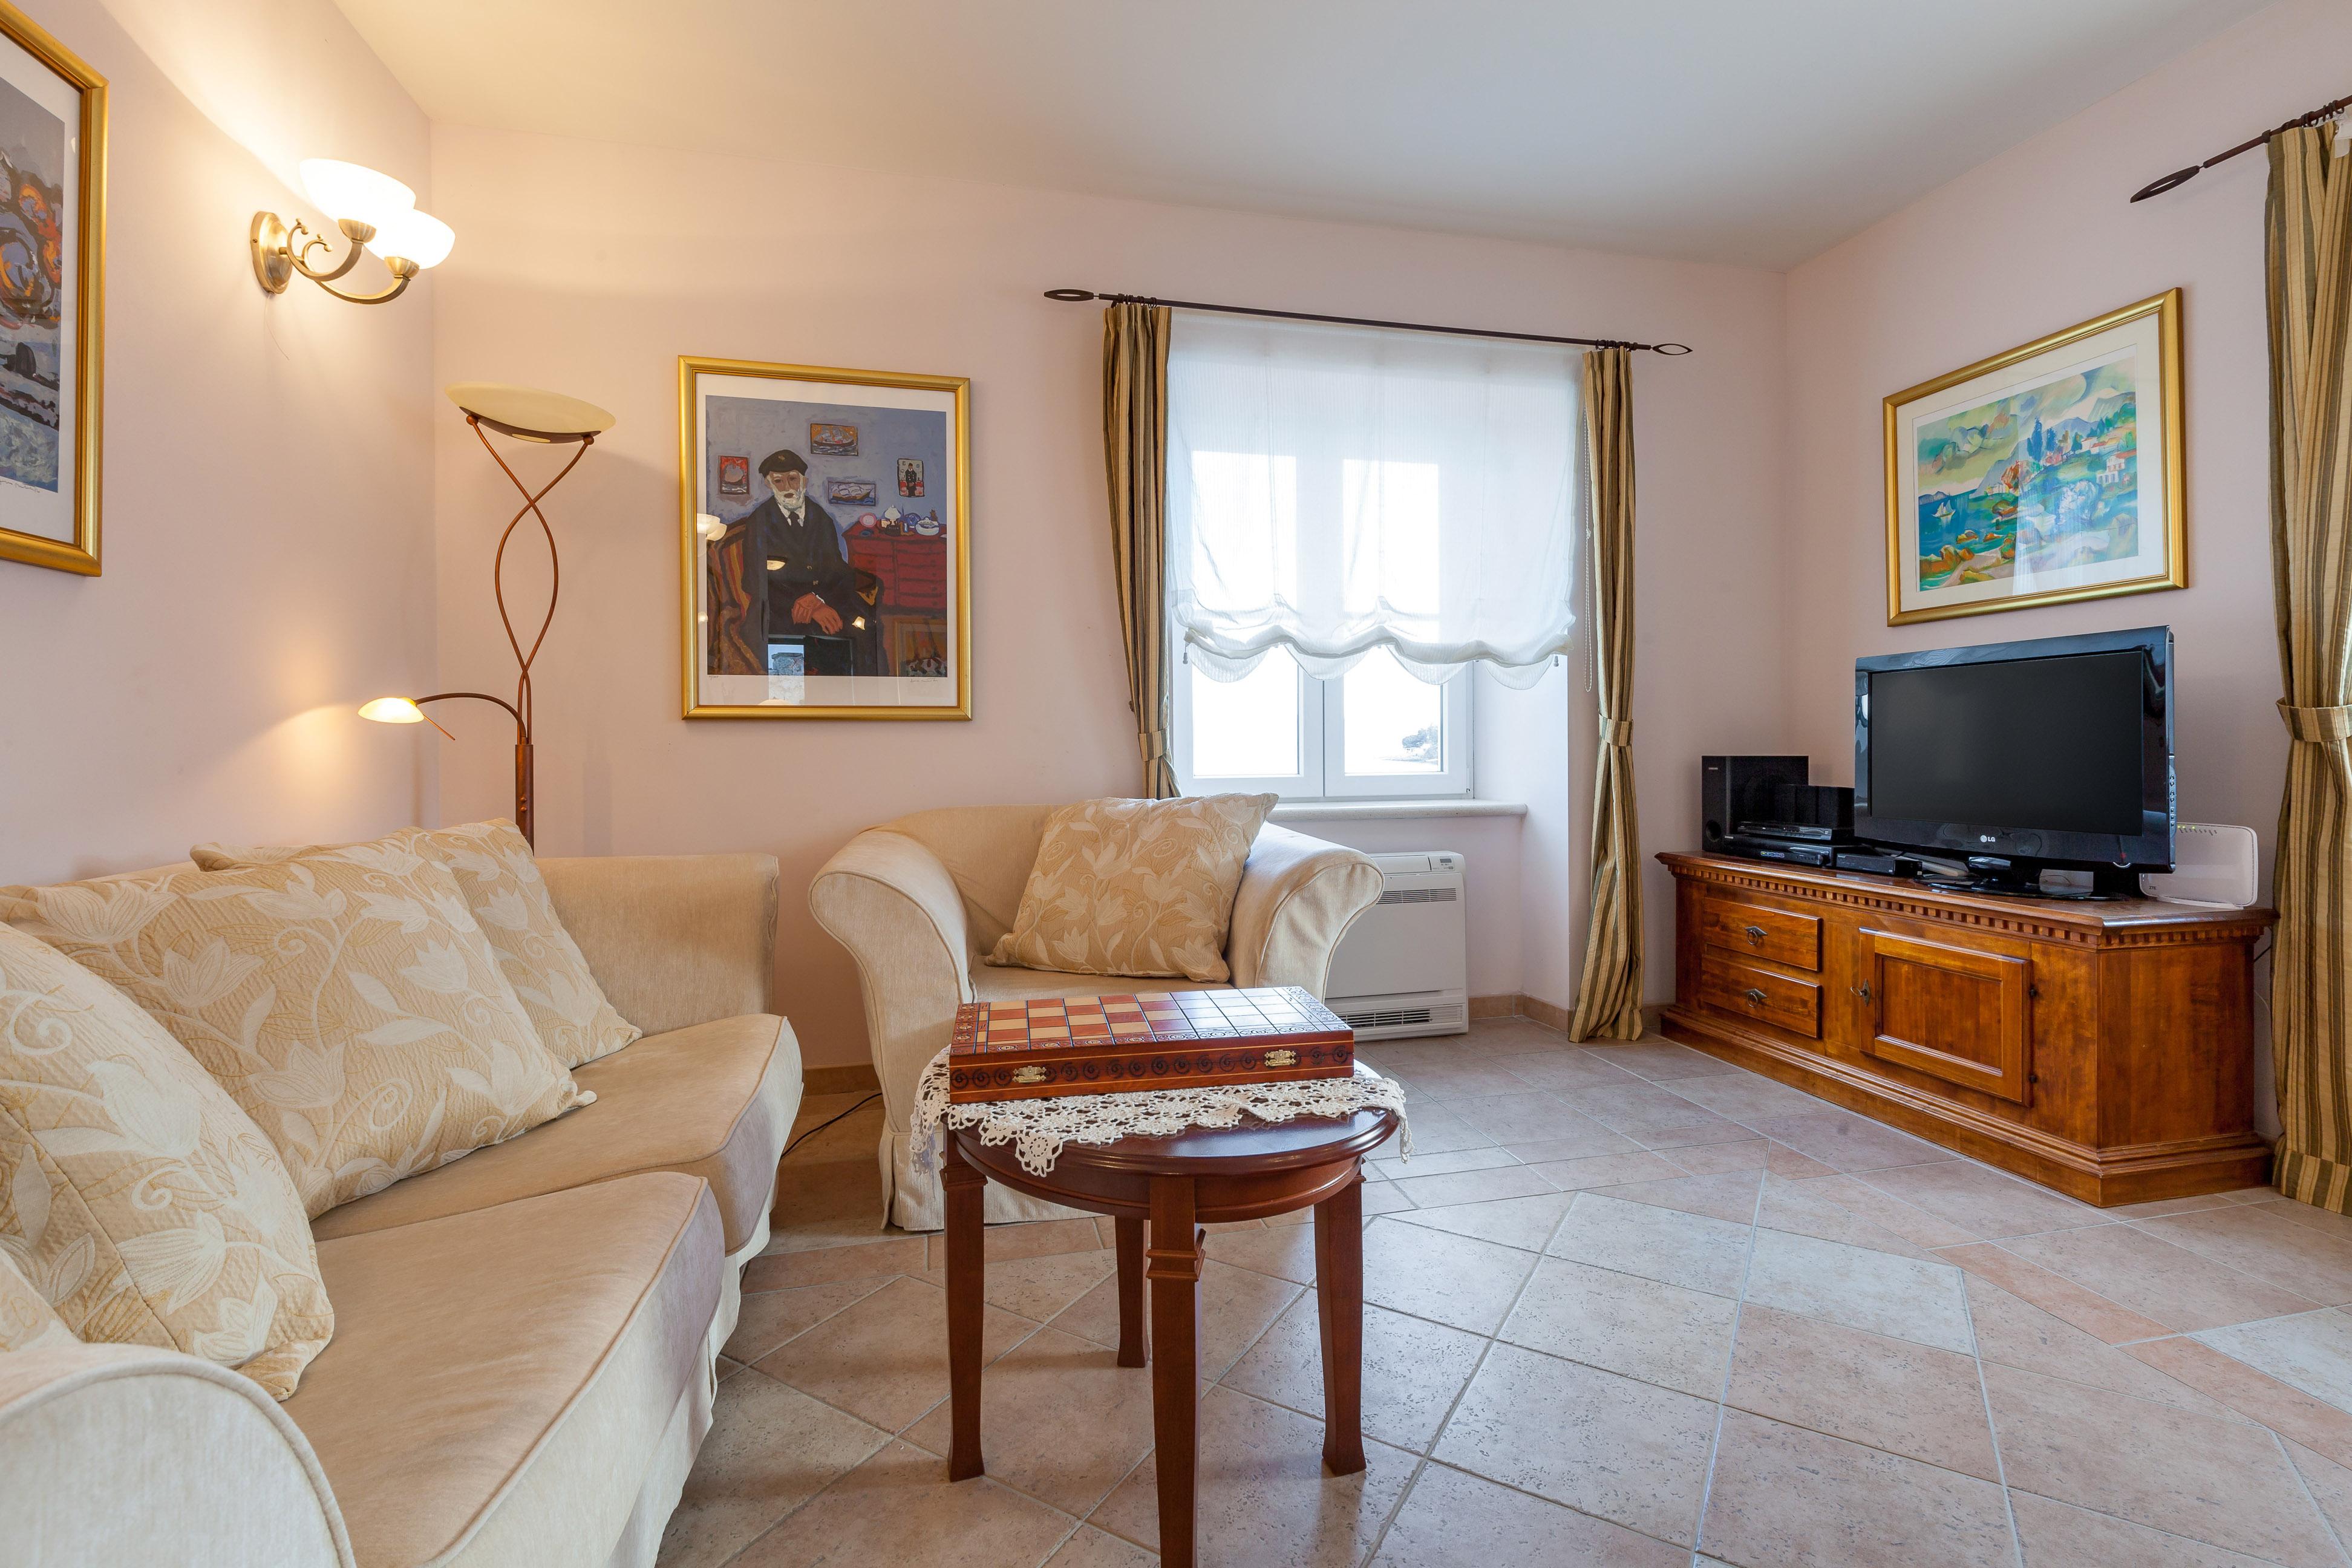 Living room in the Villa Mir Vami